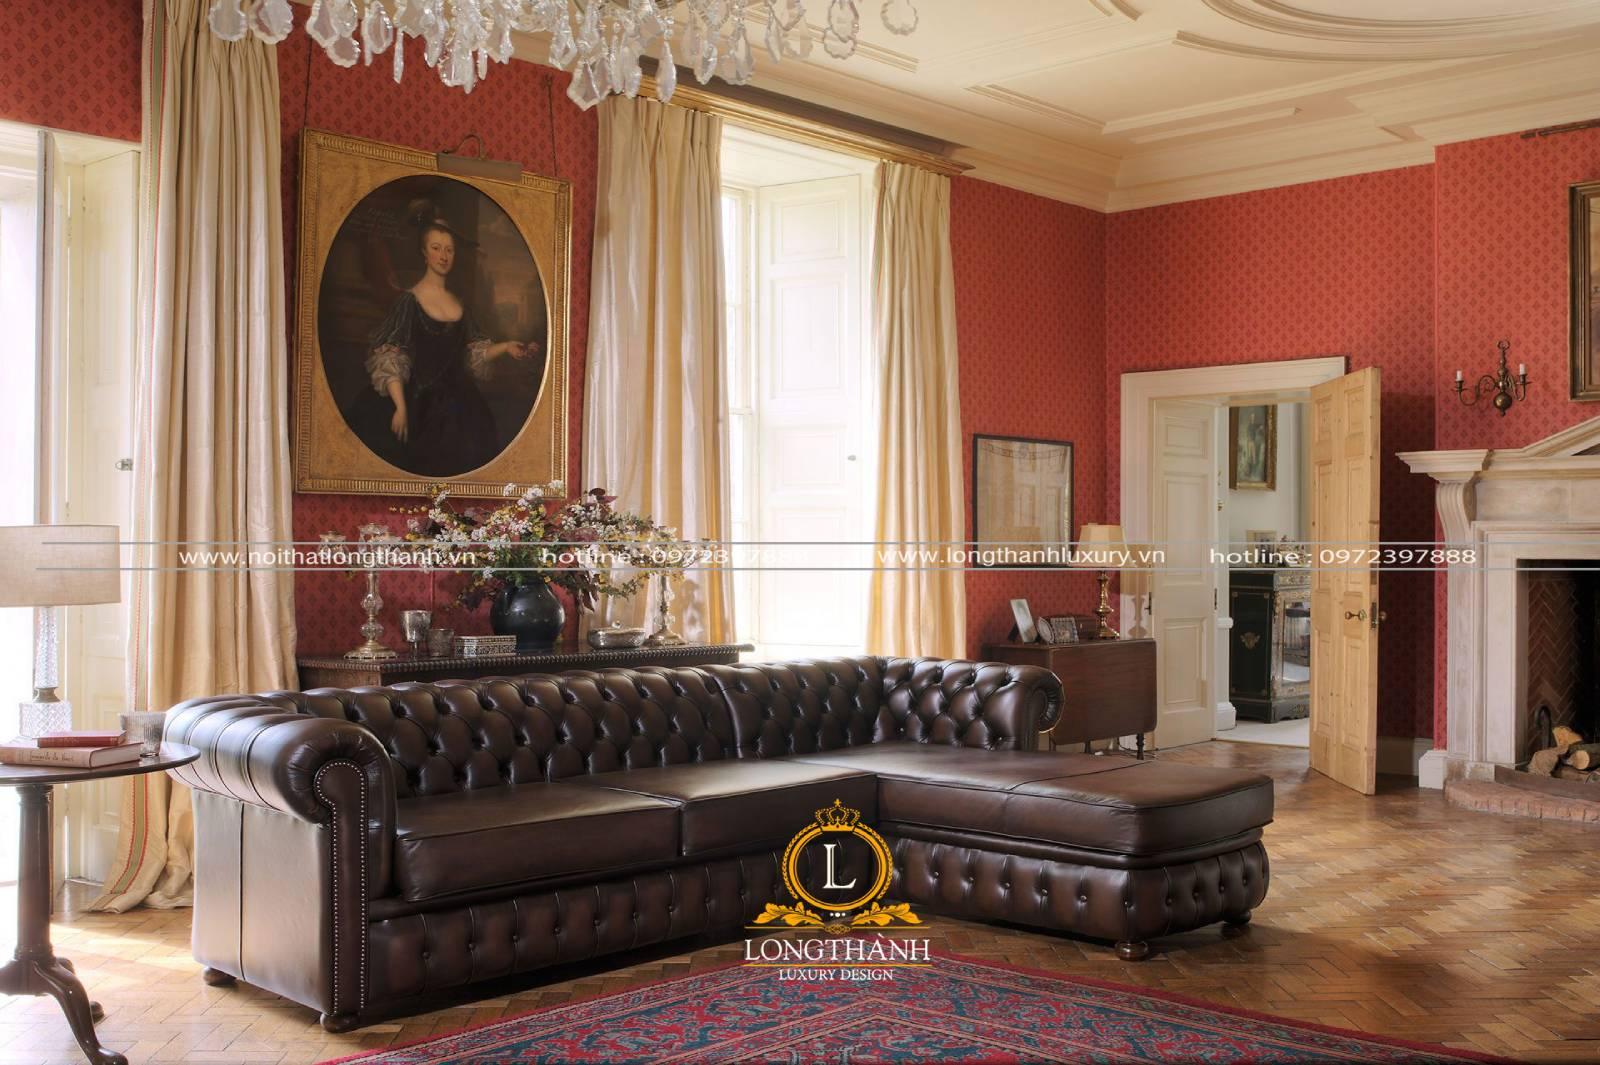 Mẫu sofa góc L phù hợp với nhiều phong cách thiết kế nội thất